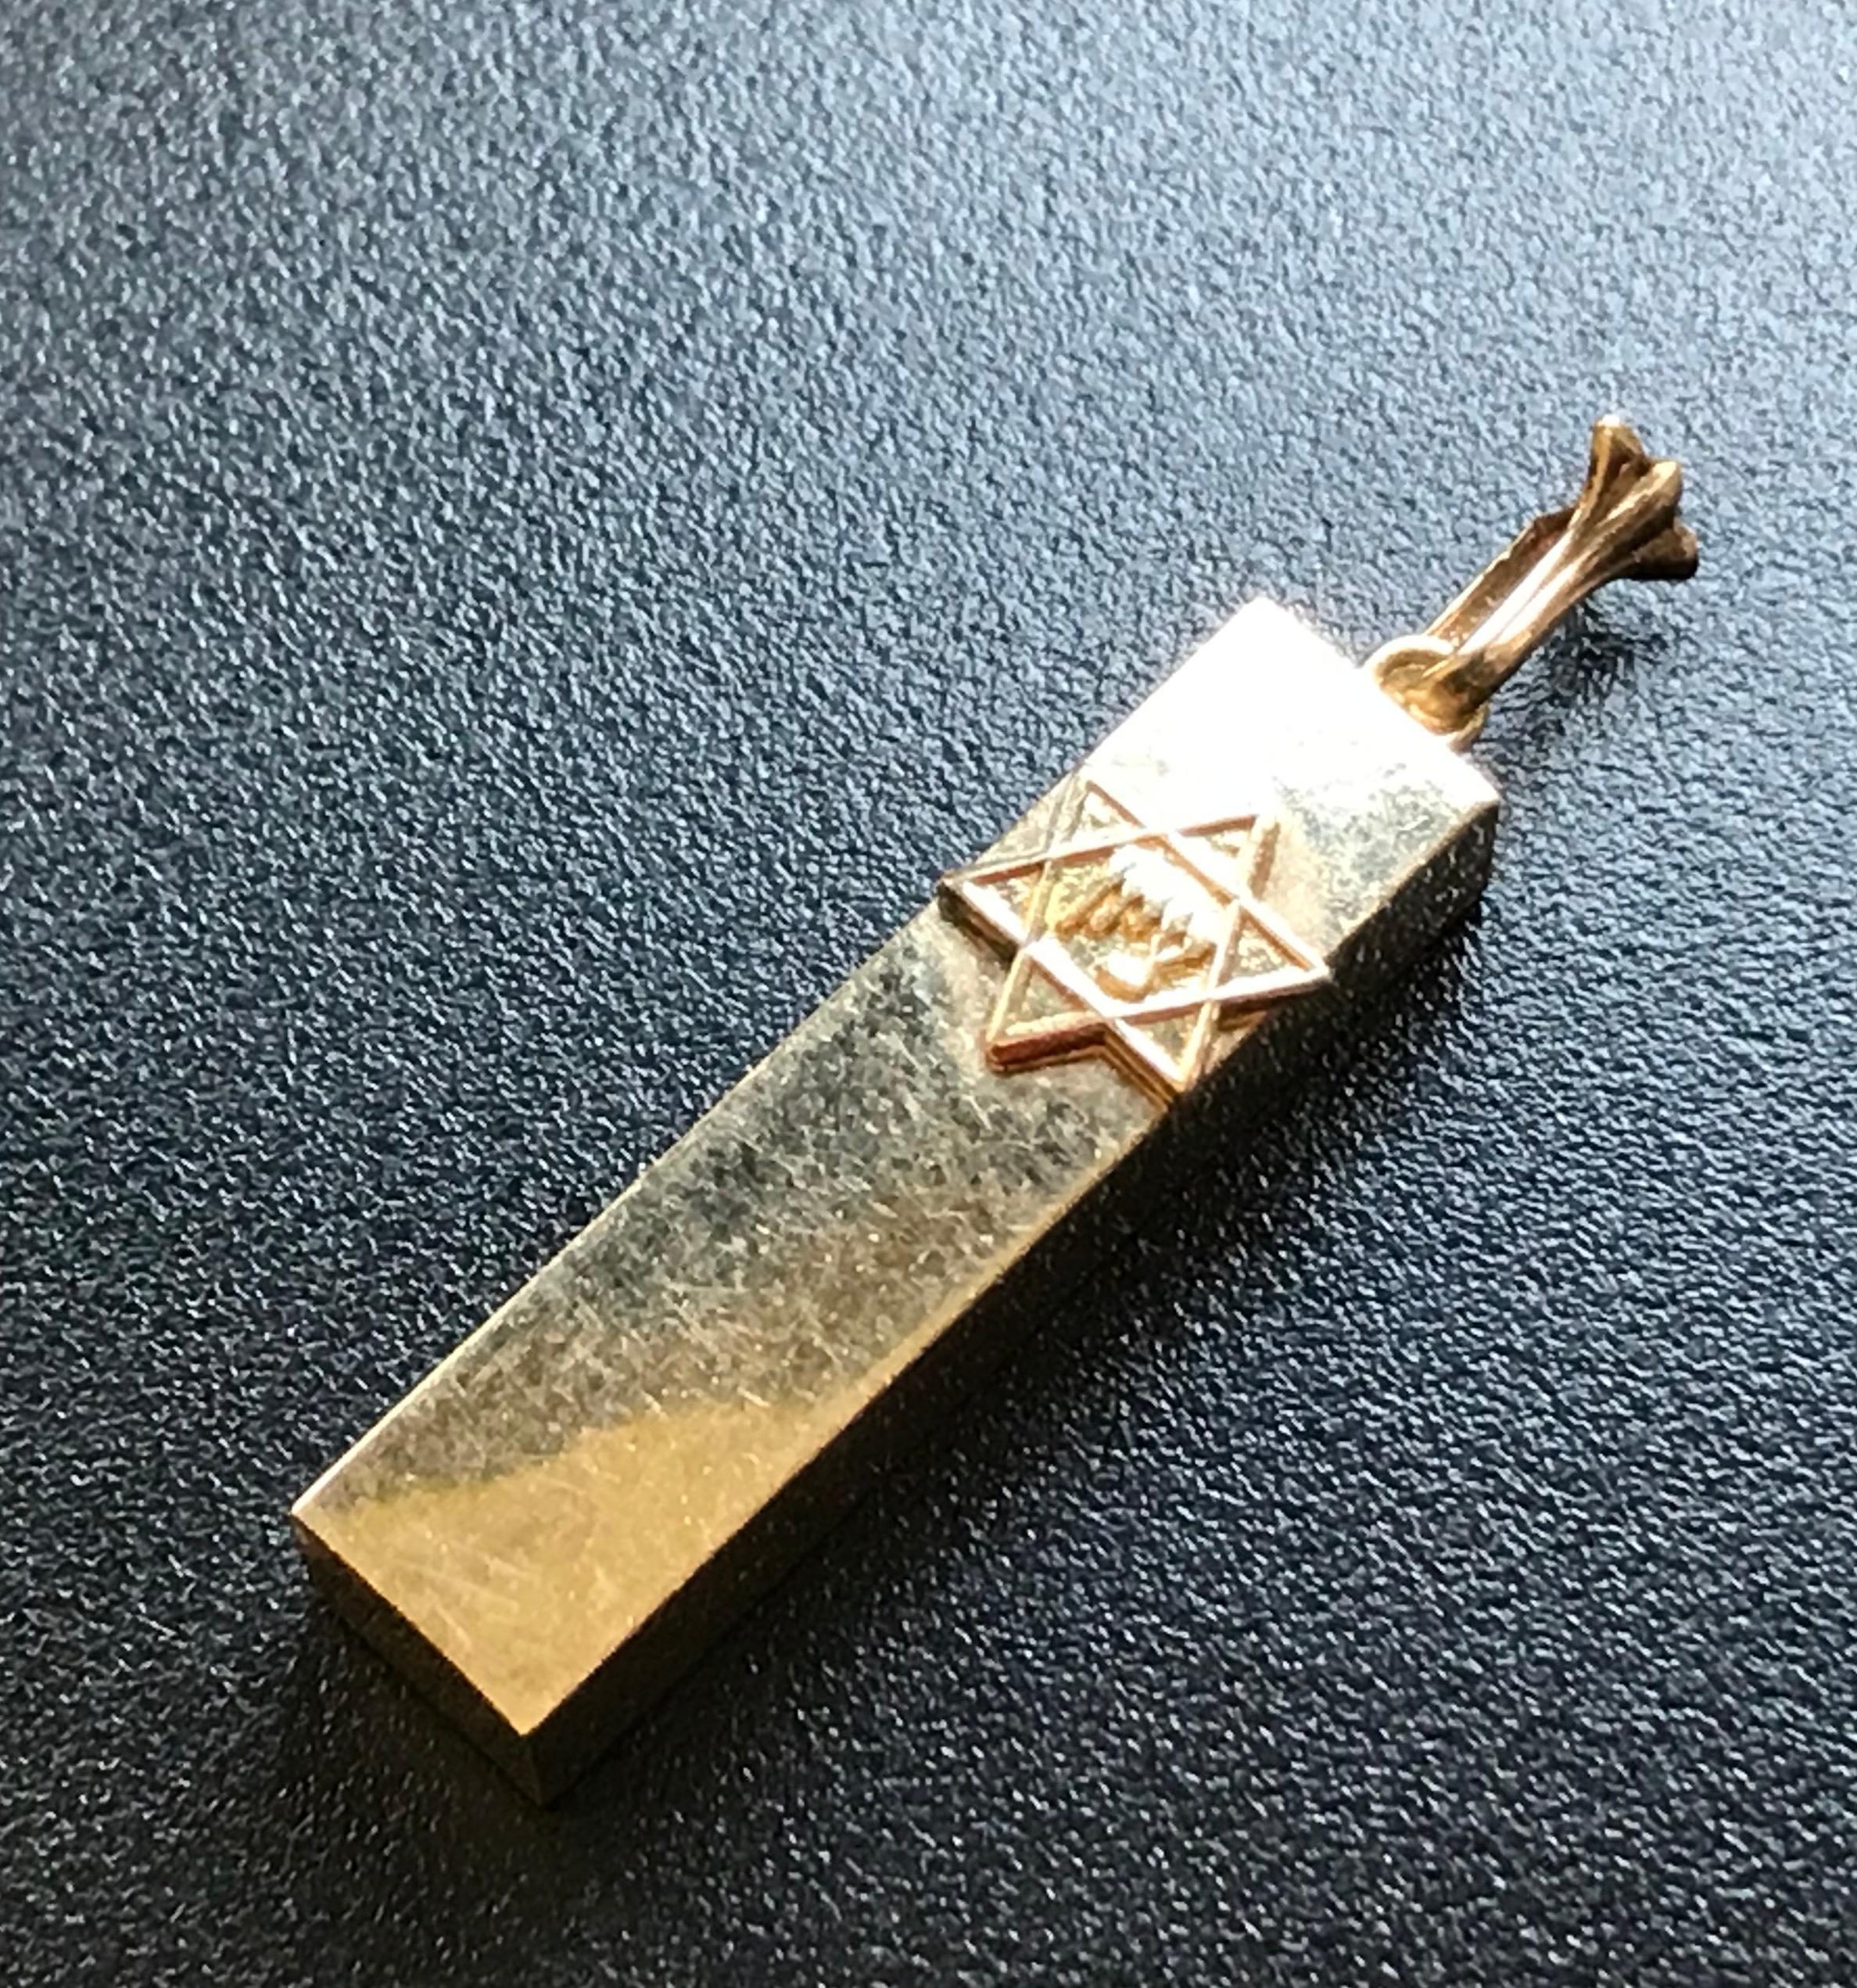 Antique 14K Gold Pendant Marked 14K